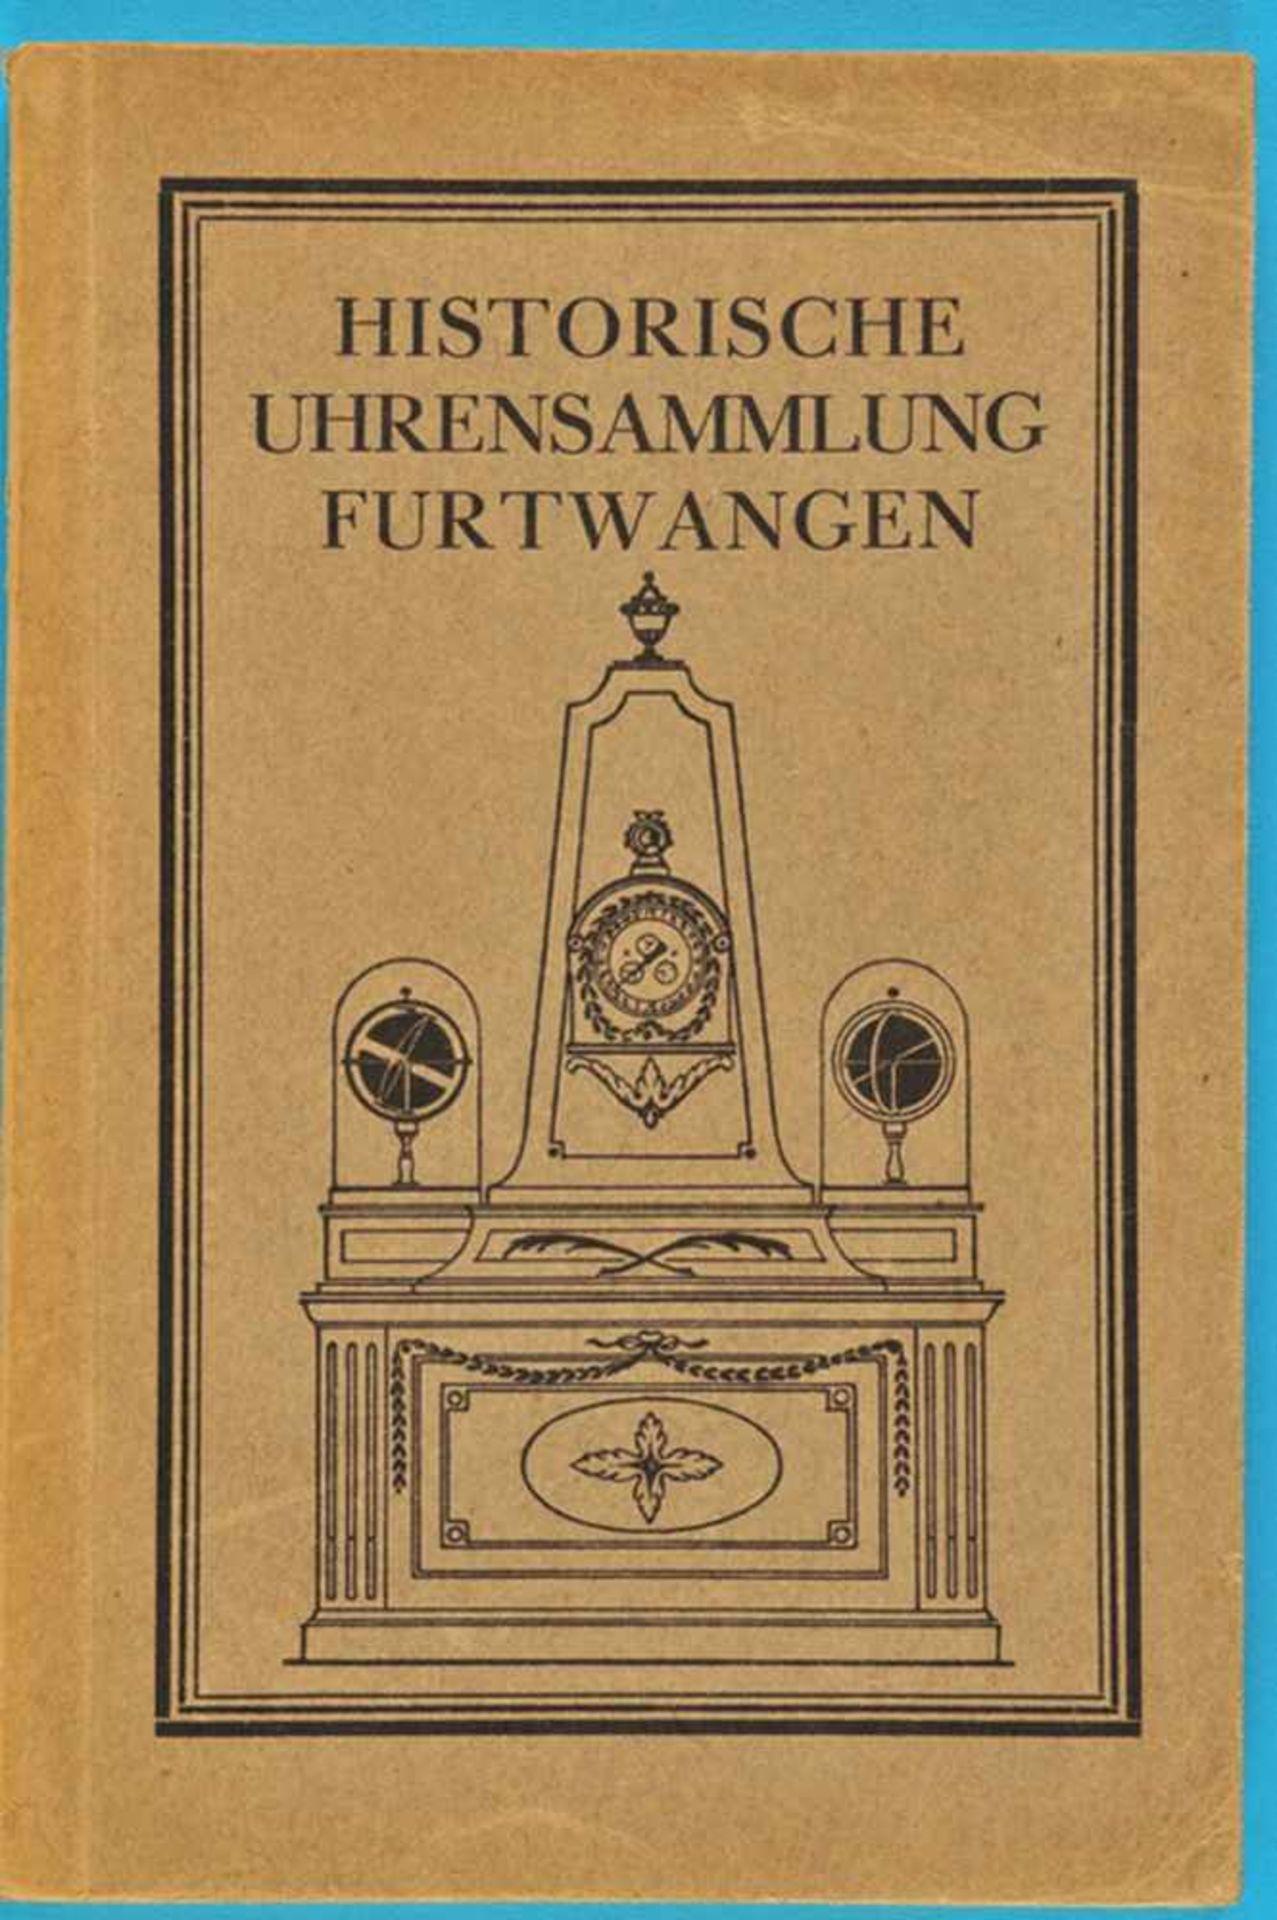 Adolf Kistner, Die historische Uhrensammlung Furtwangen, 1925Adolf Kistner, Die historische